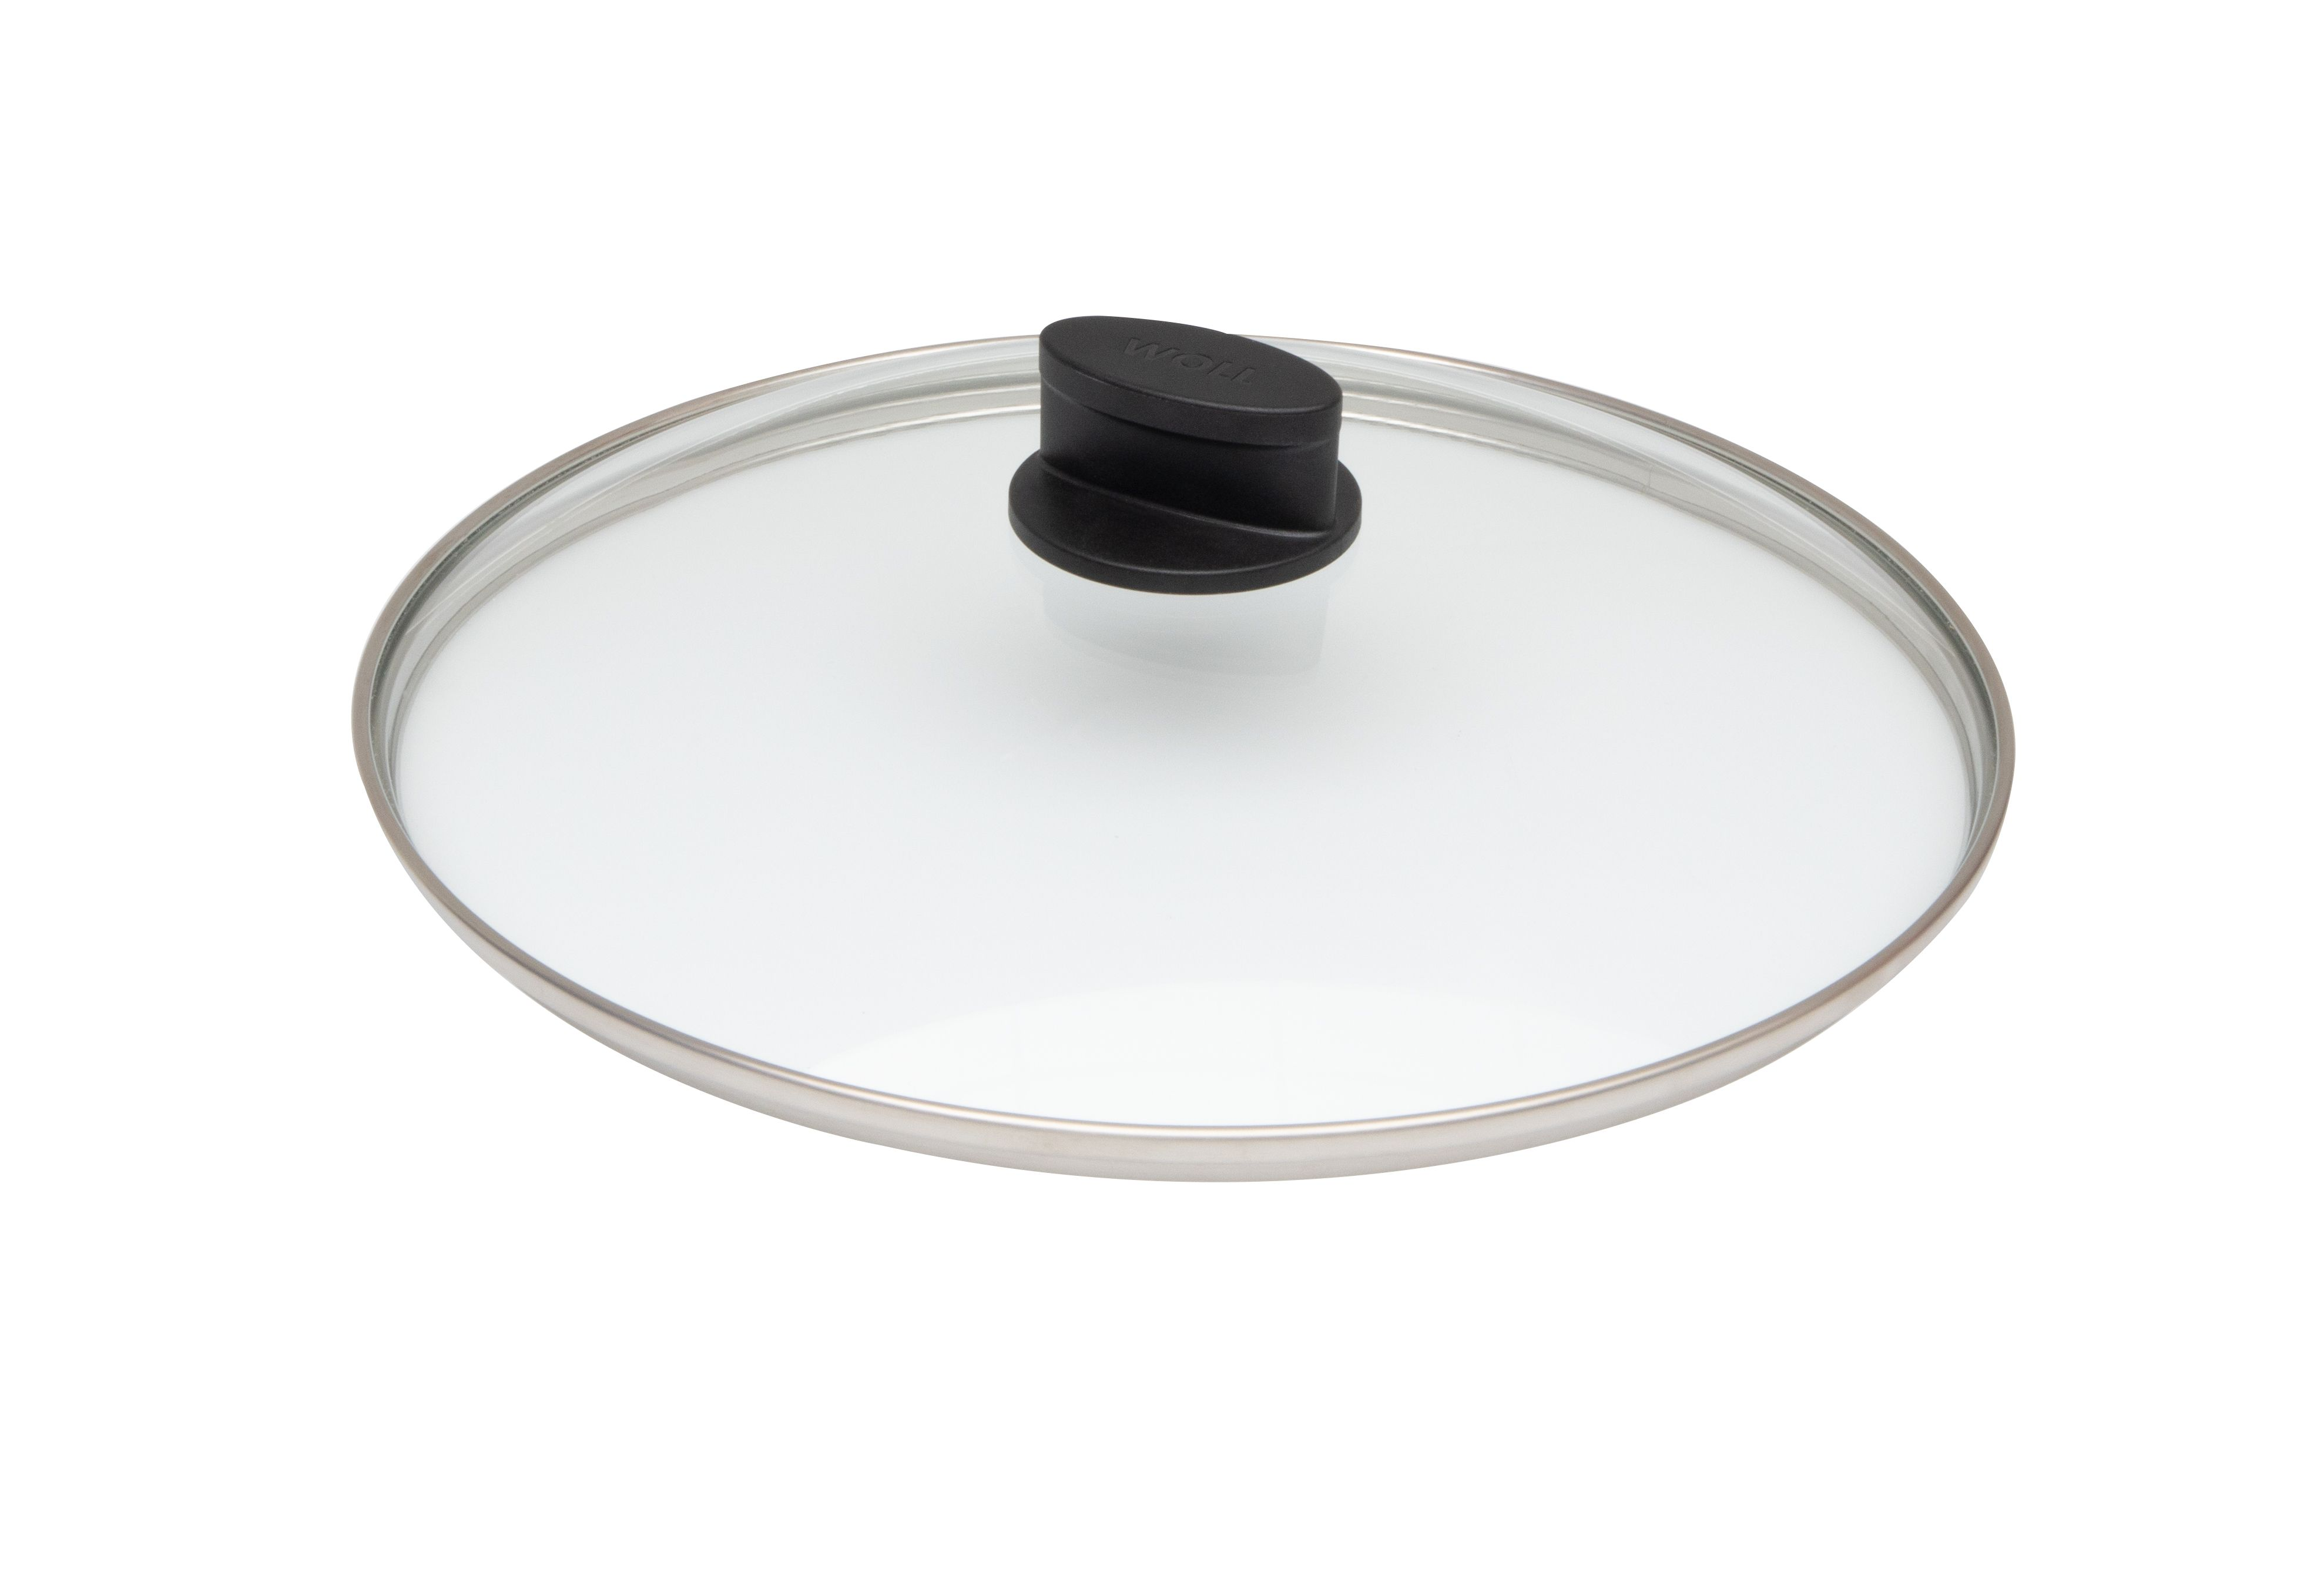 Pokrievka sklenená Woll 24 cm